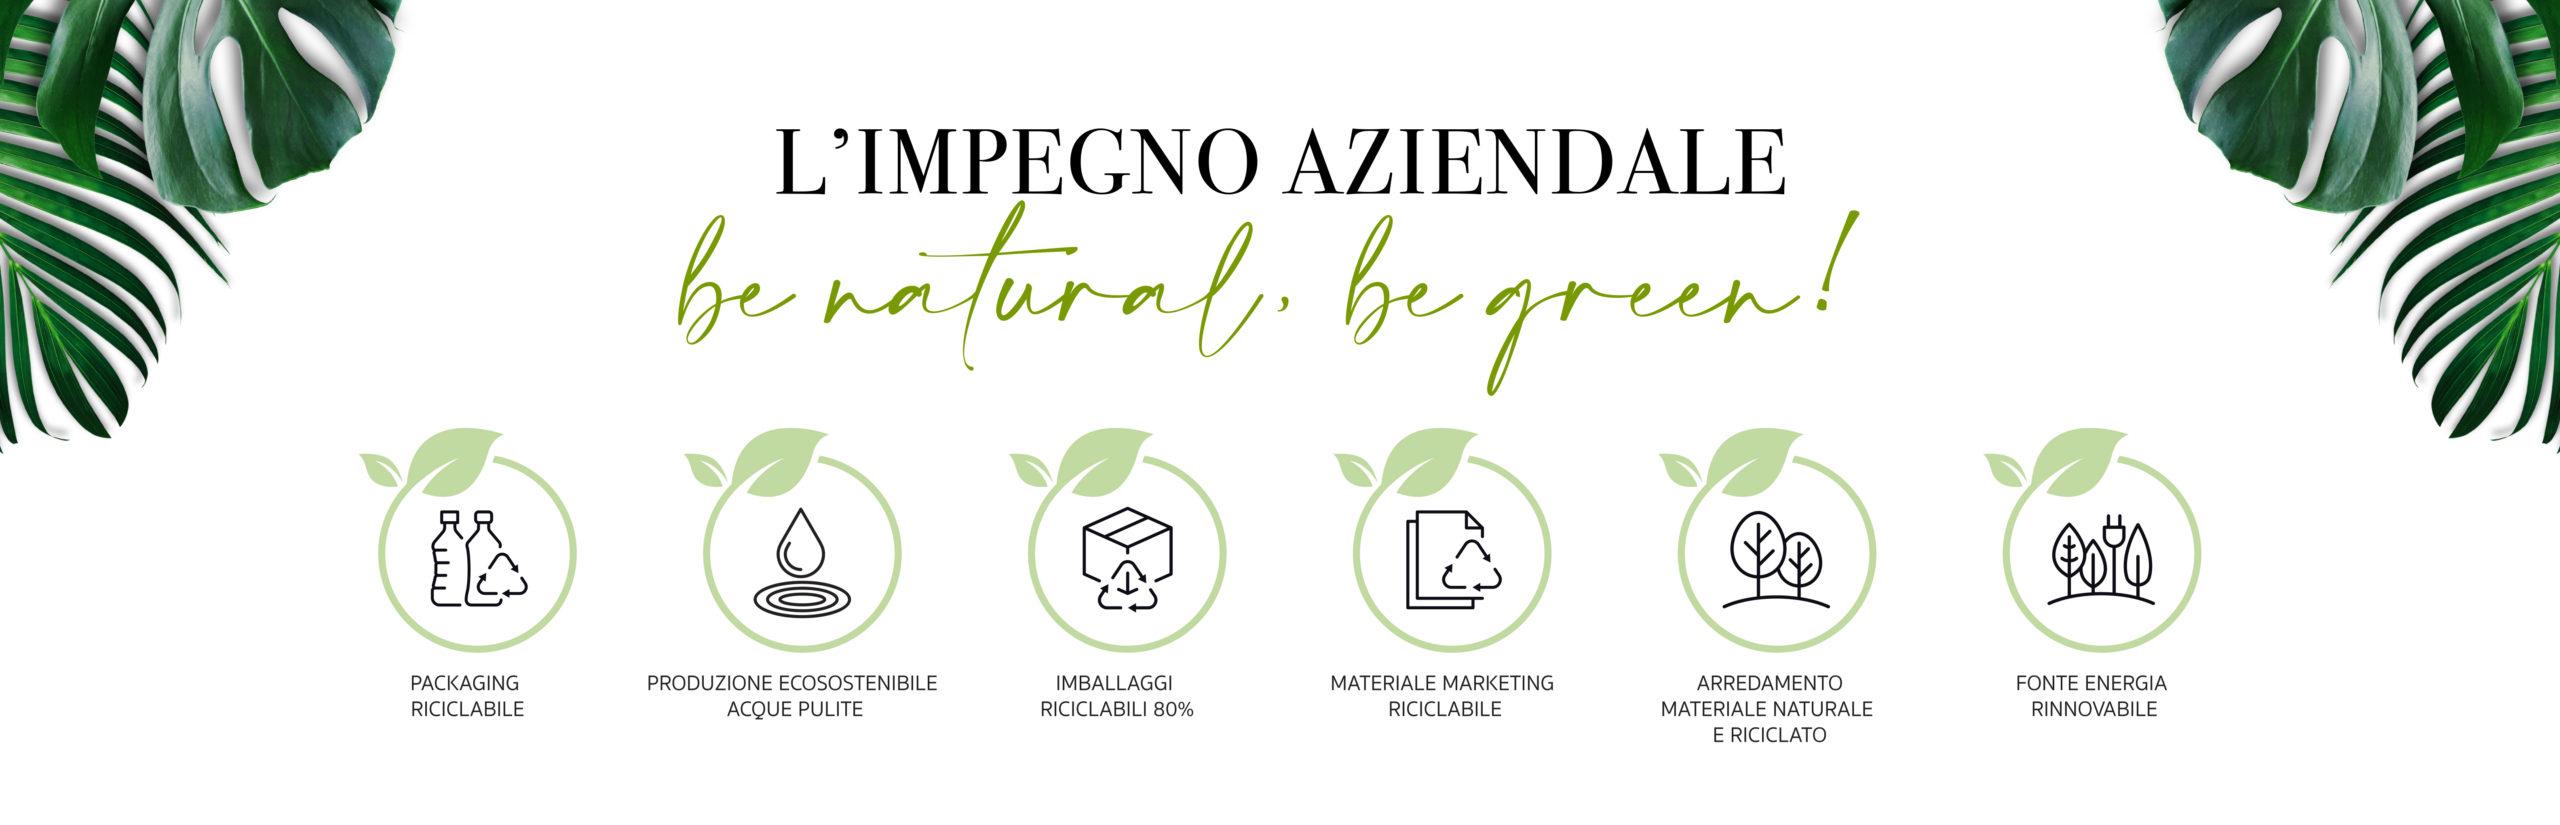 impegno-azienda-green